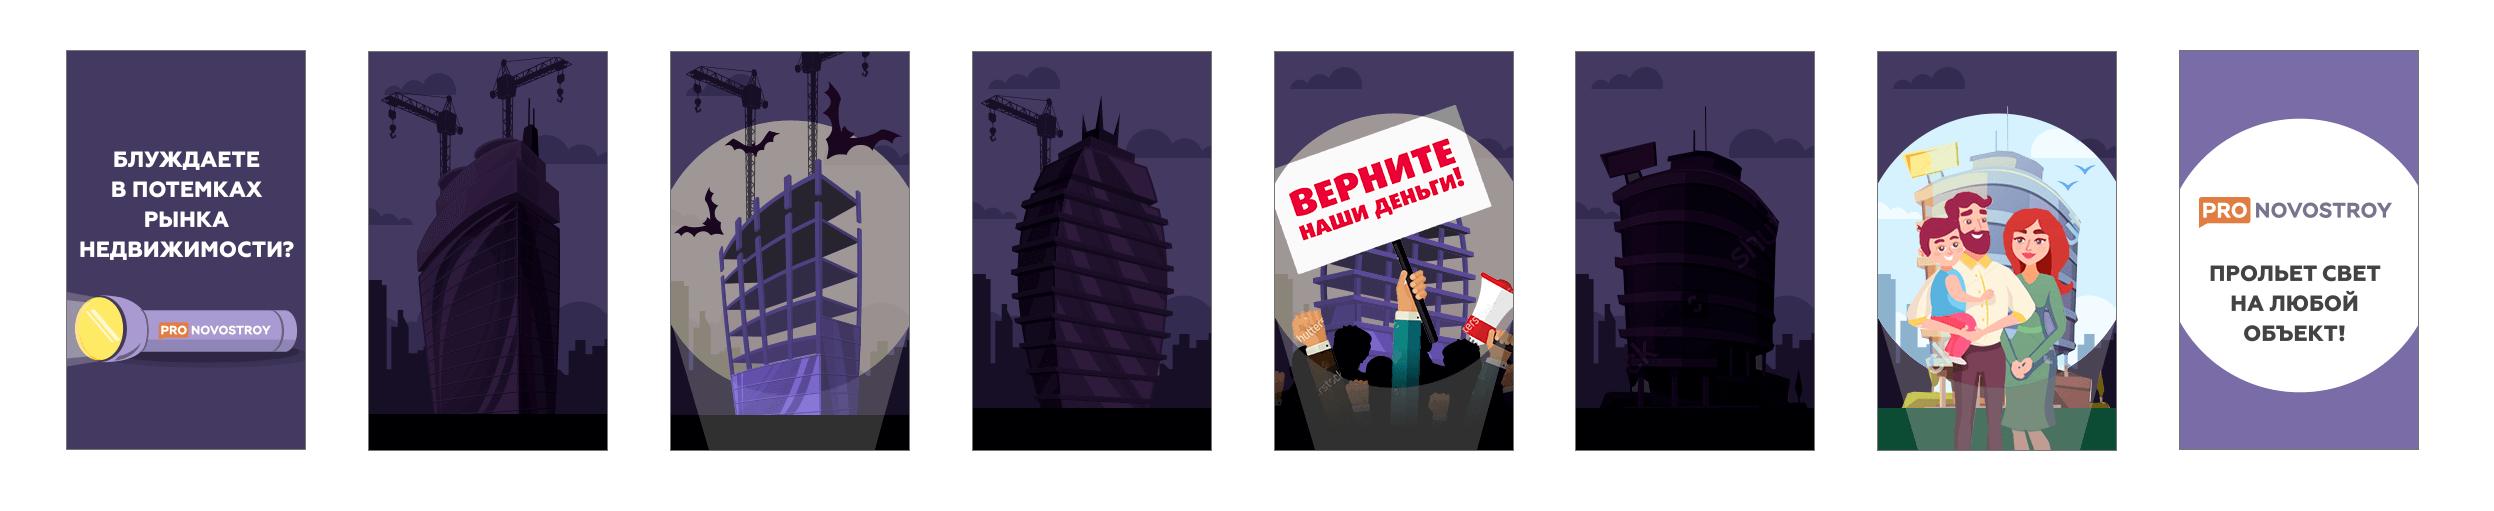 html5 баннер для форума pronovostroy.ru